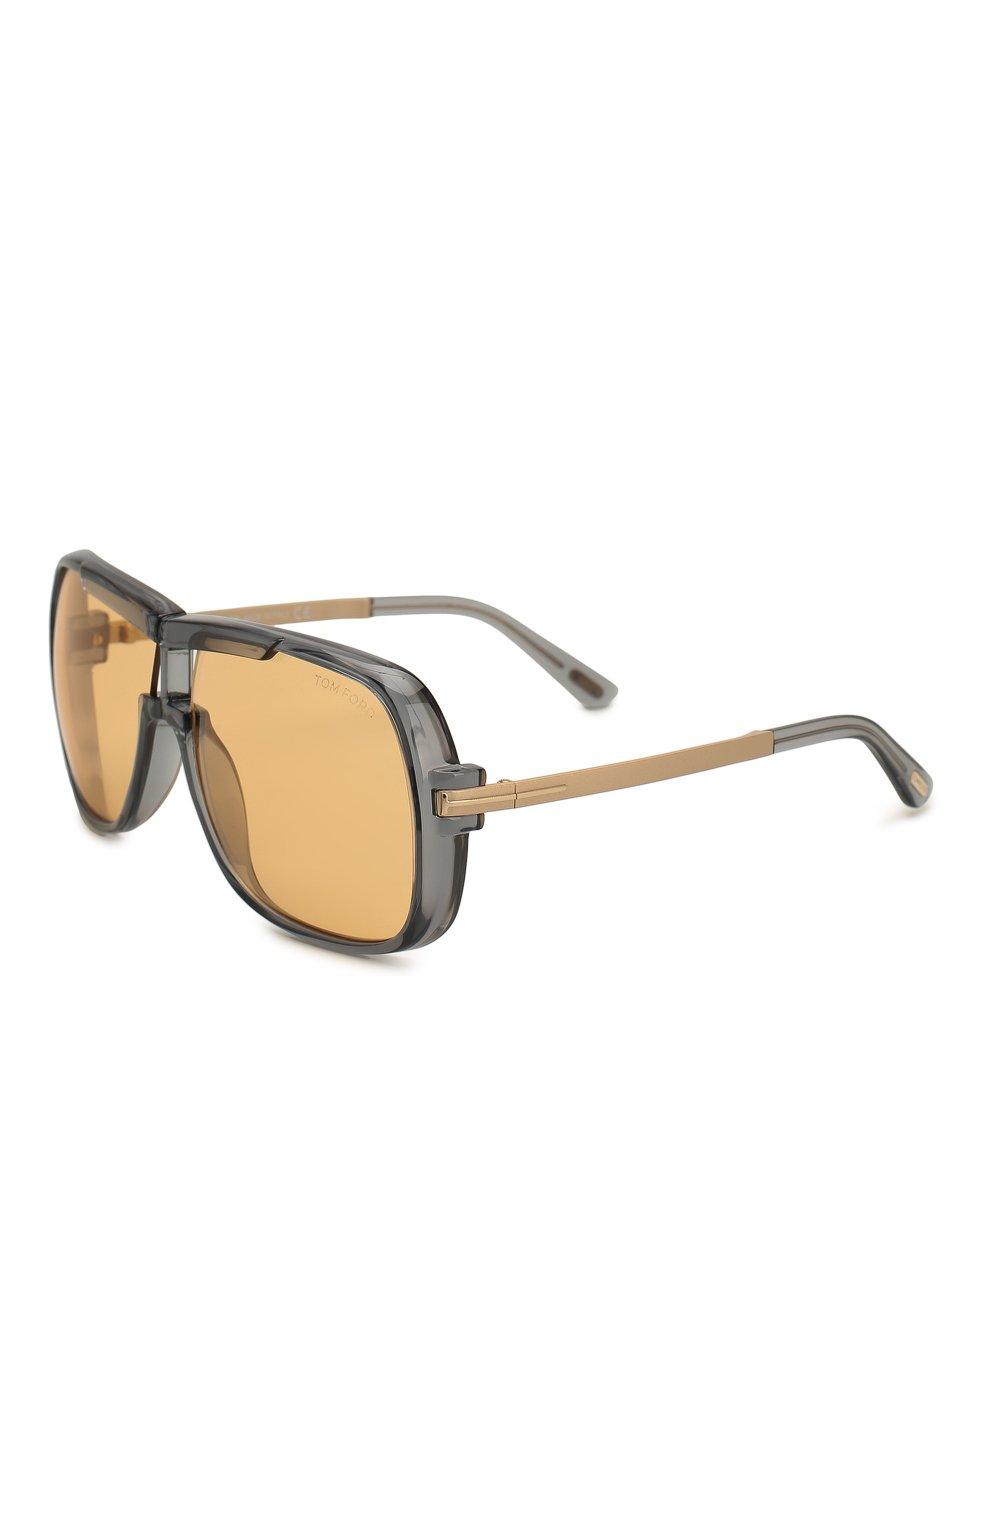 Женские солнцезащитные очки TOM FORD оранжевого цвета, арт. TF800 20E | Фото 1